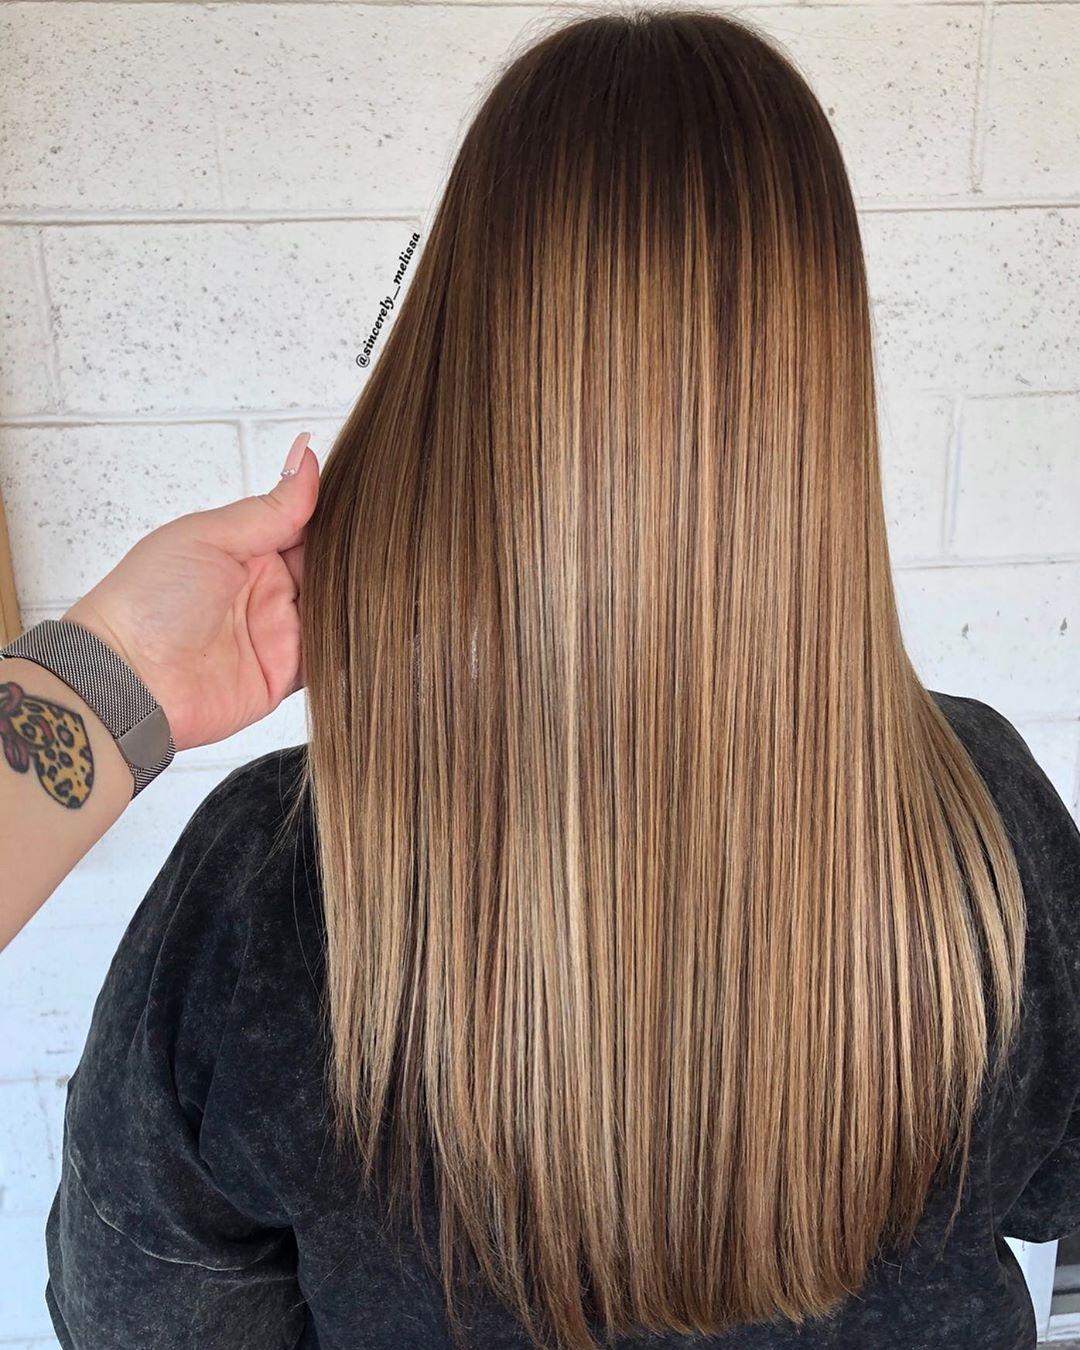 Balayage-sui-capelli-lunghi-per-illuminare-la-chioma-durante-i-cambi-di-stagione